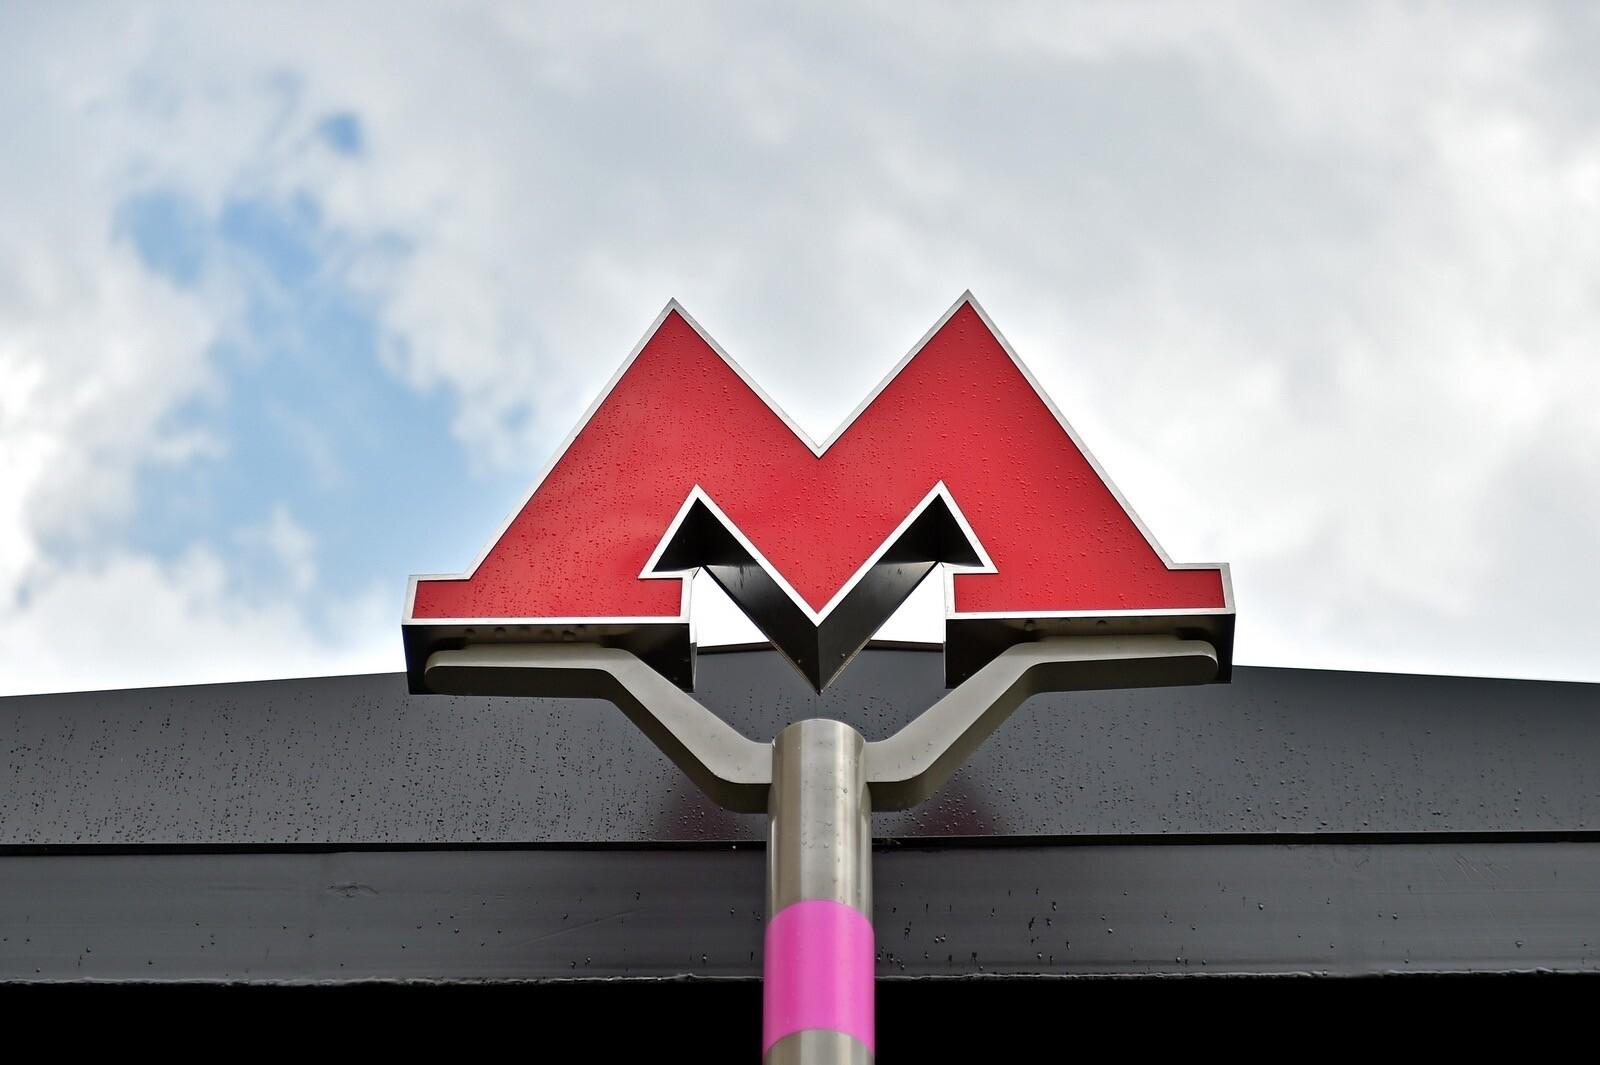 К концу года в Москве построят 6 новых станций метро